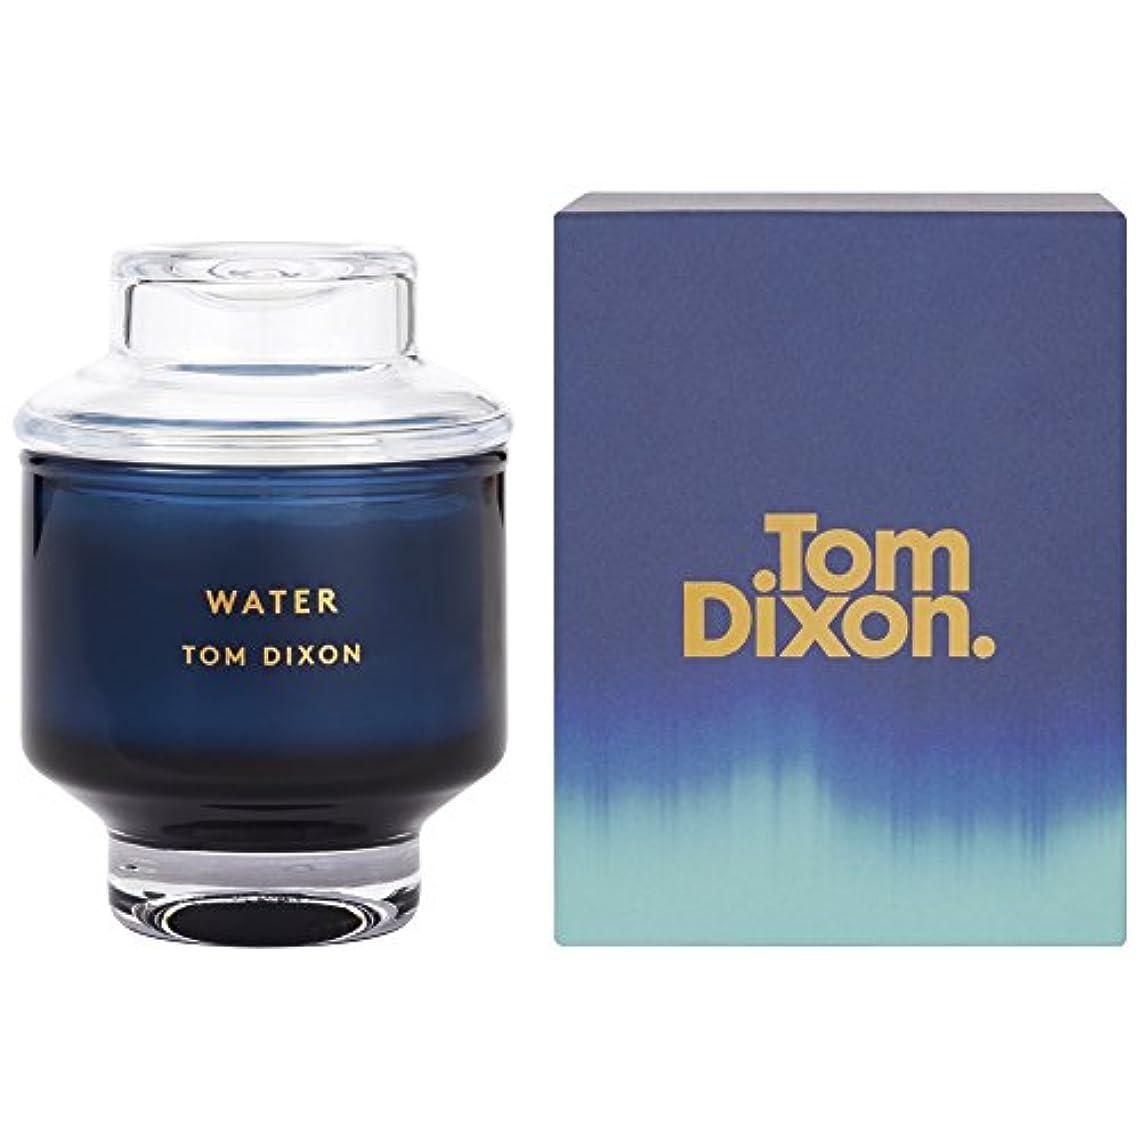 無限大ラボ熱意Tom Dixon Water Scented Candle Medium - トム?ディクソン水の香りのキャンドル媒体 [並行輸入品]